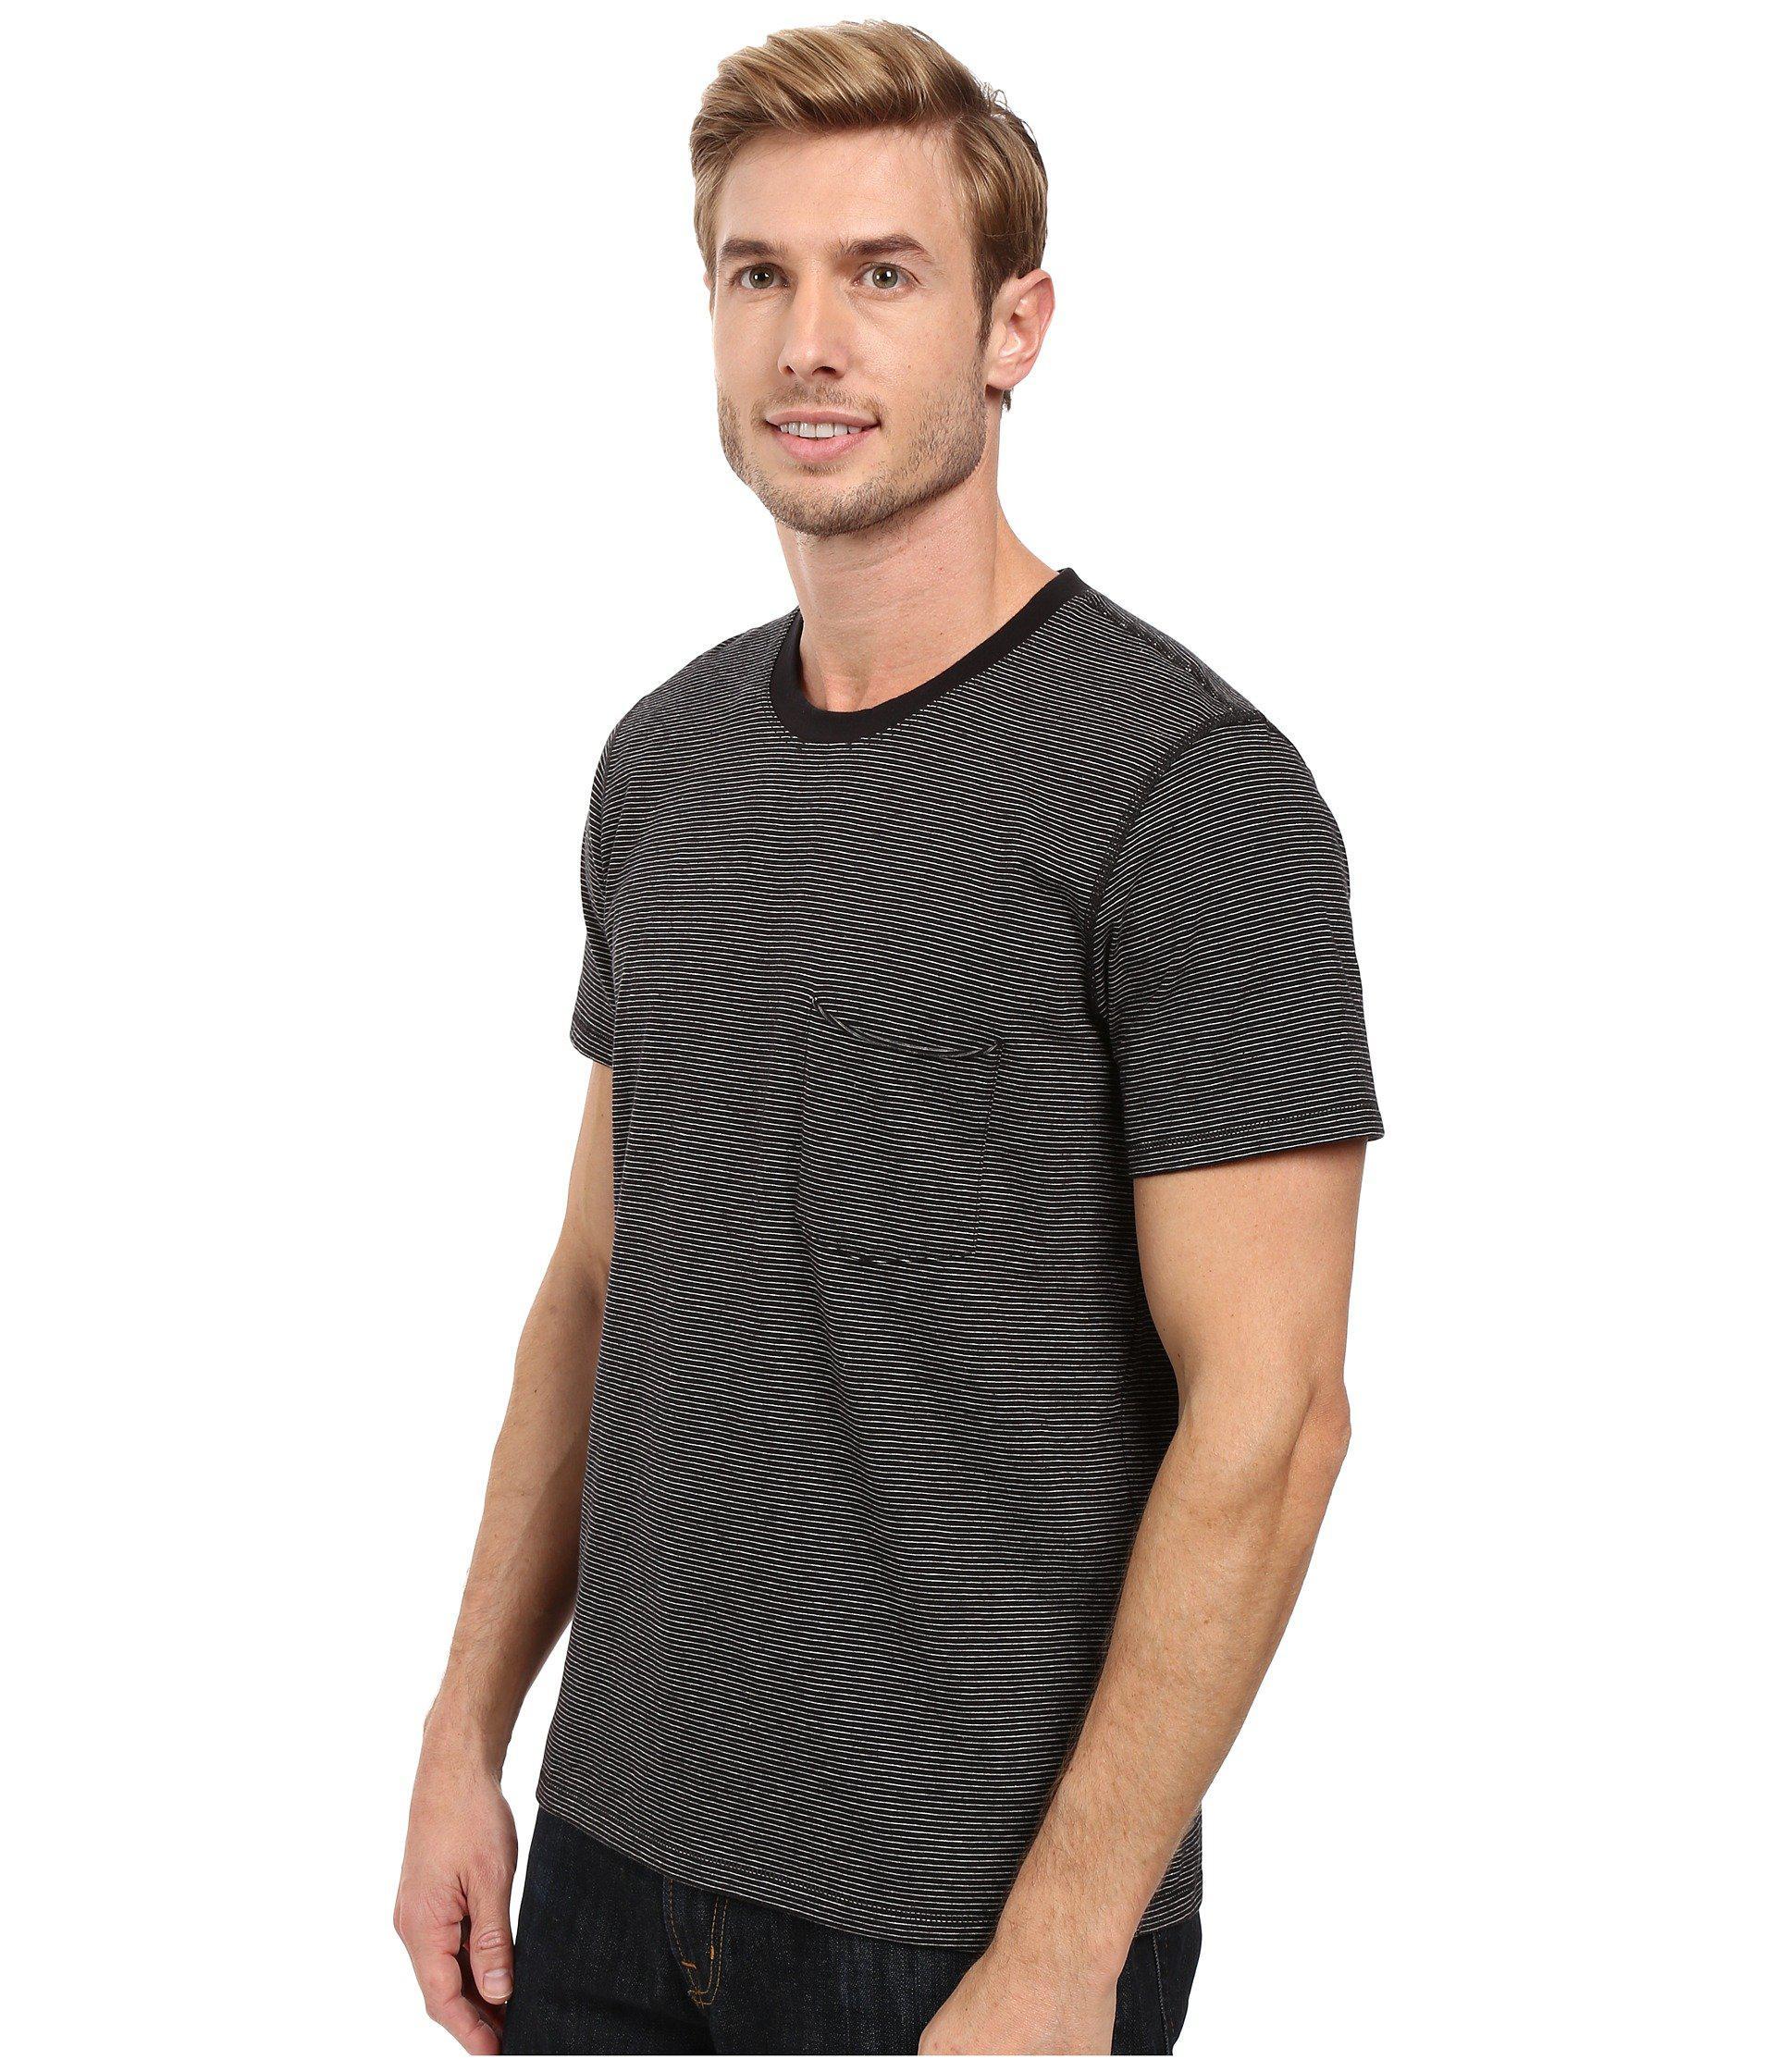 8290da676c Lyst - 7 For All Mankind Short Sleeve Stripe Ringer Tee in Black for Men